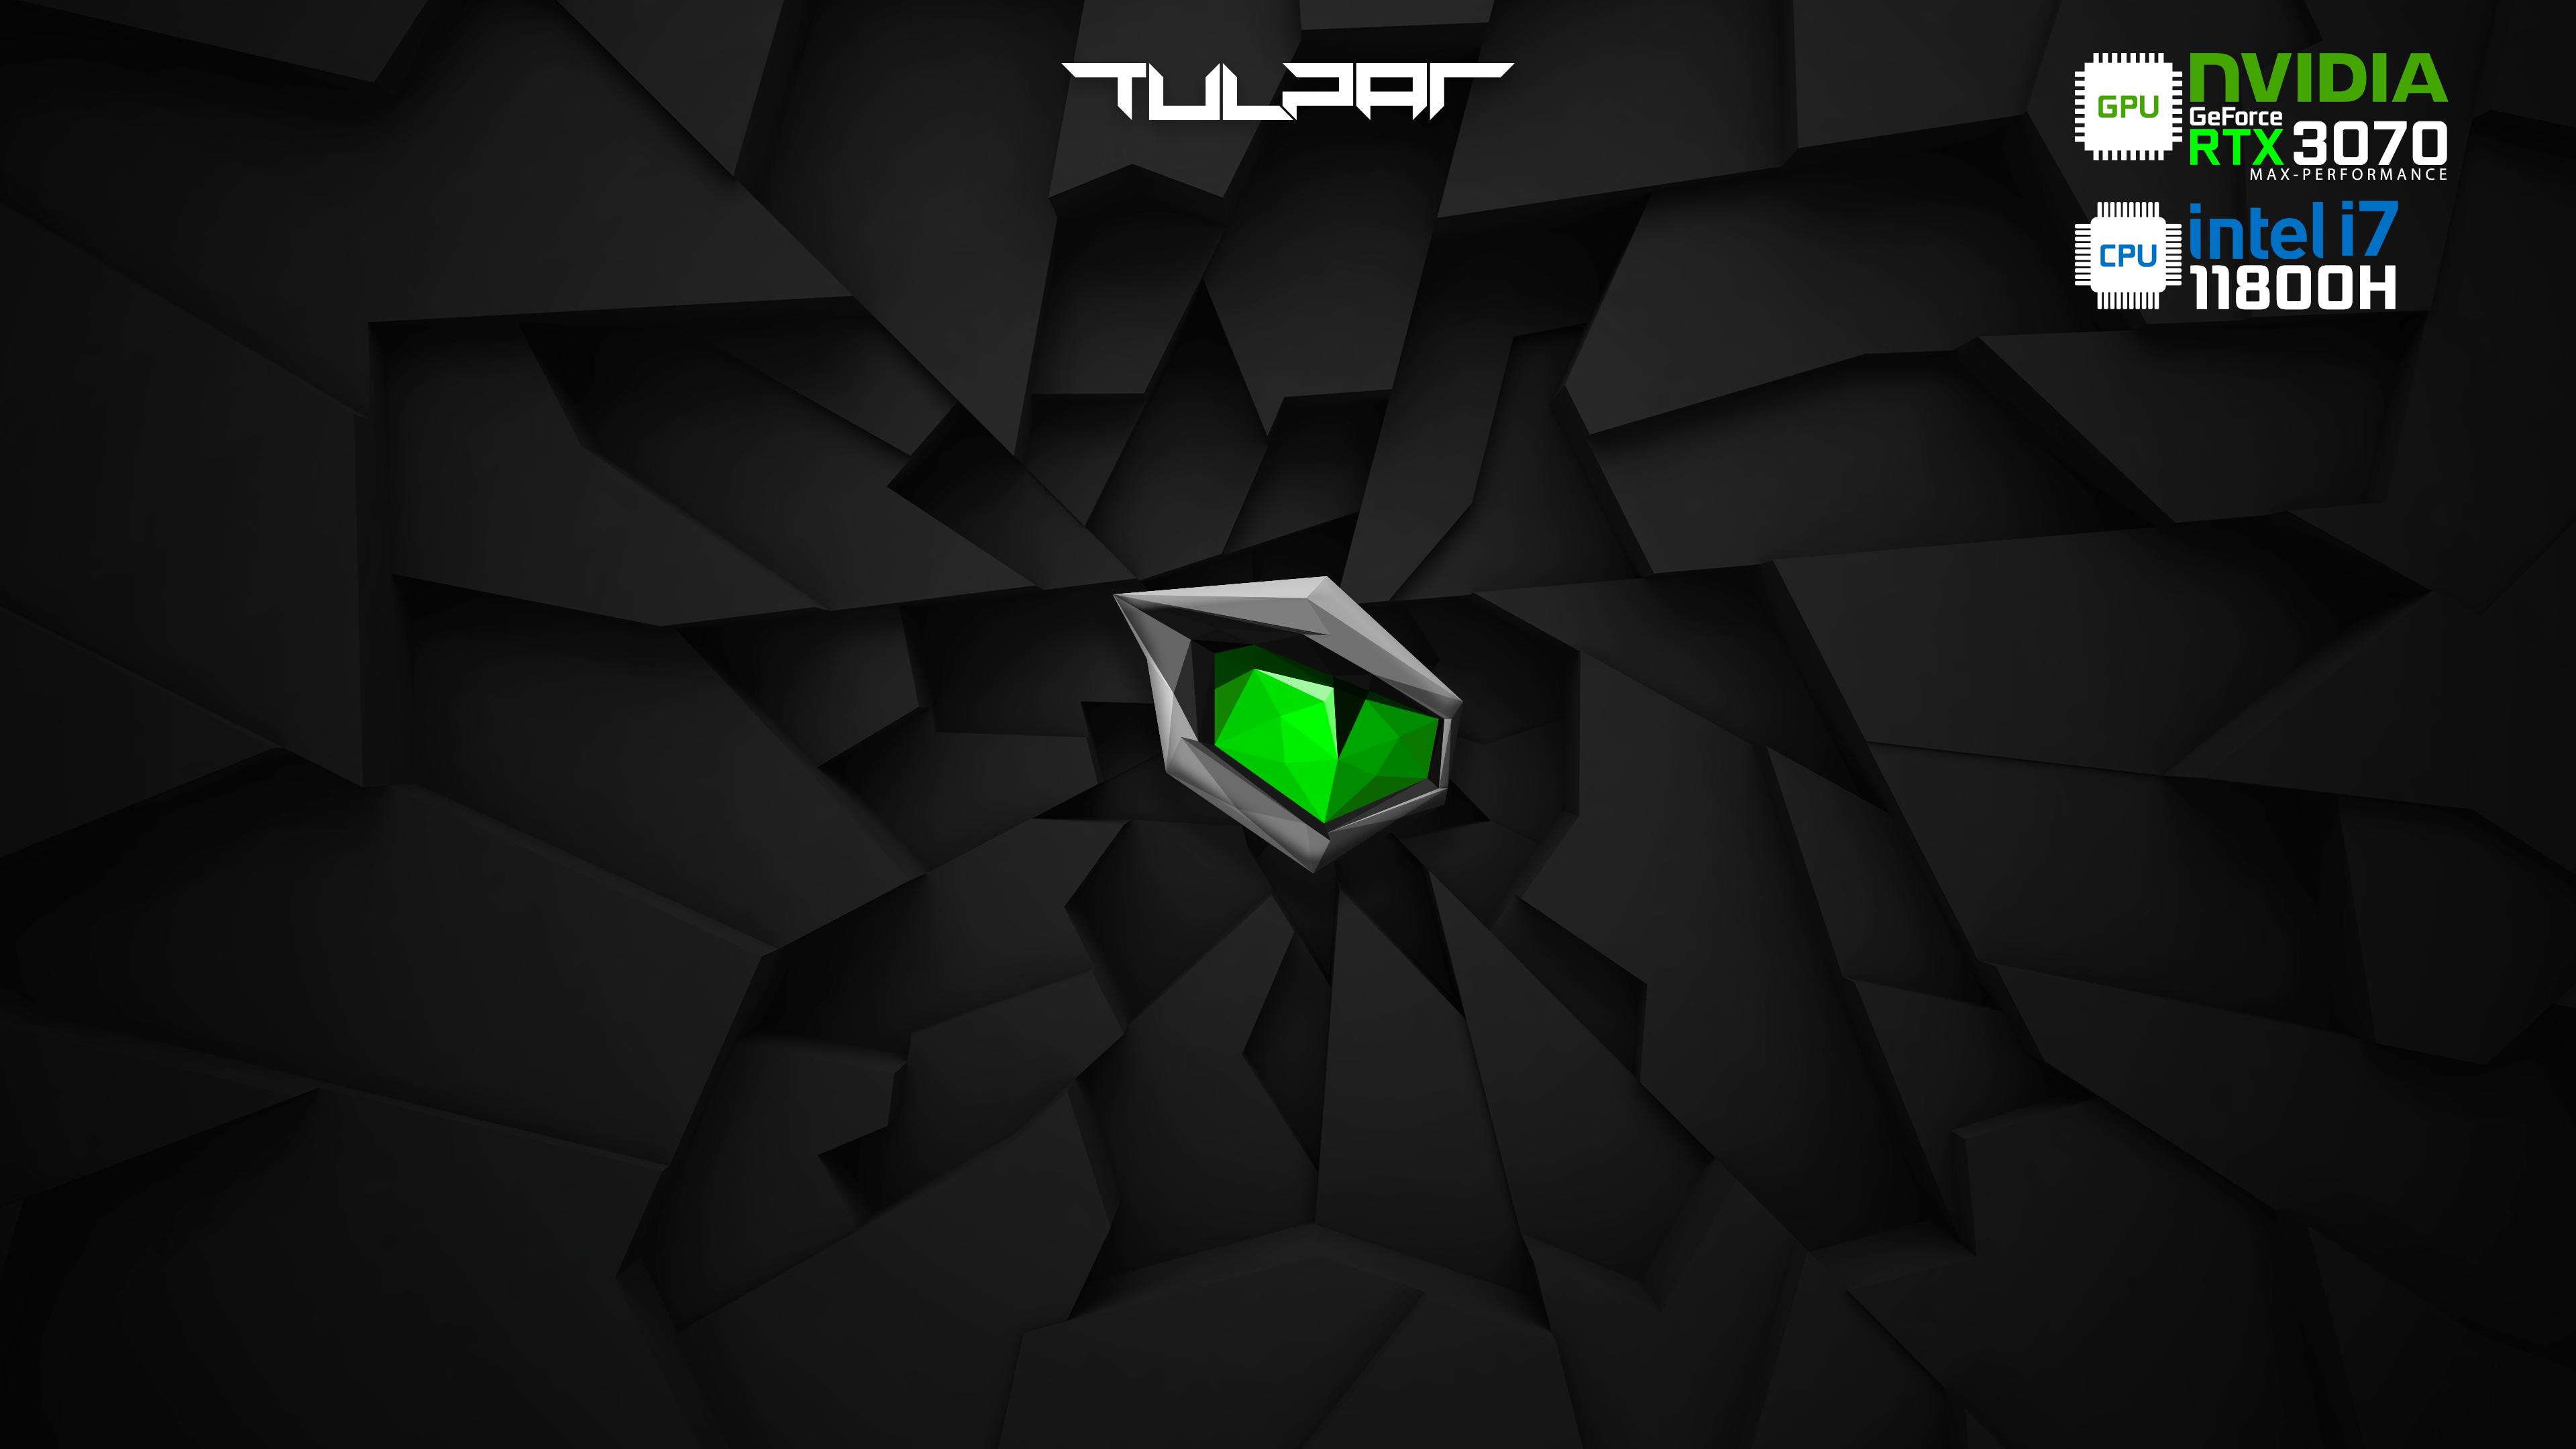 Monster - Tulpar - 3070 - i7 - 11800